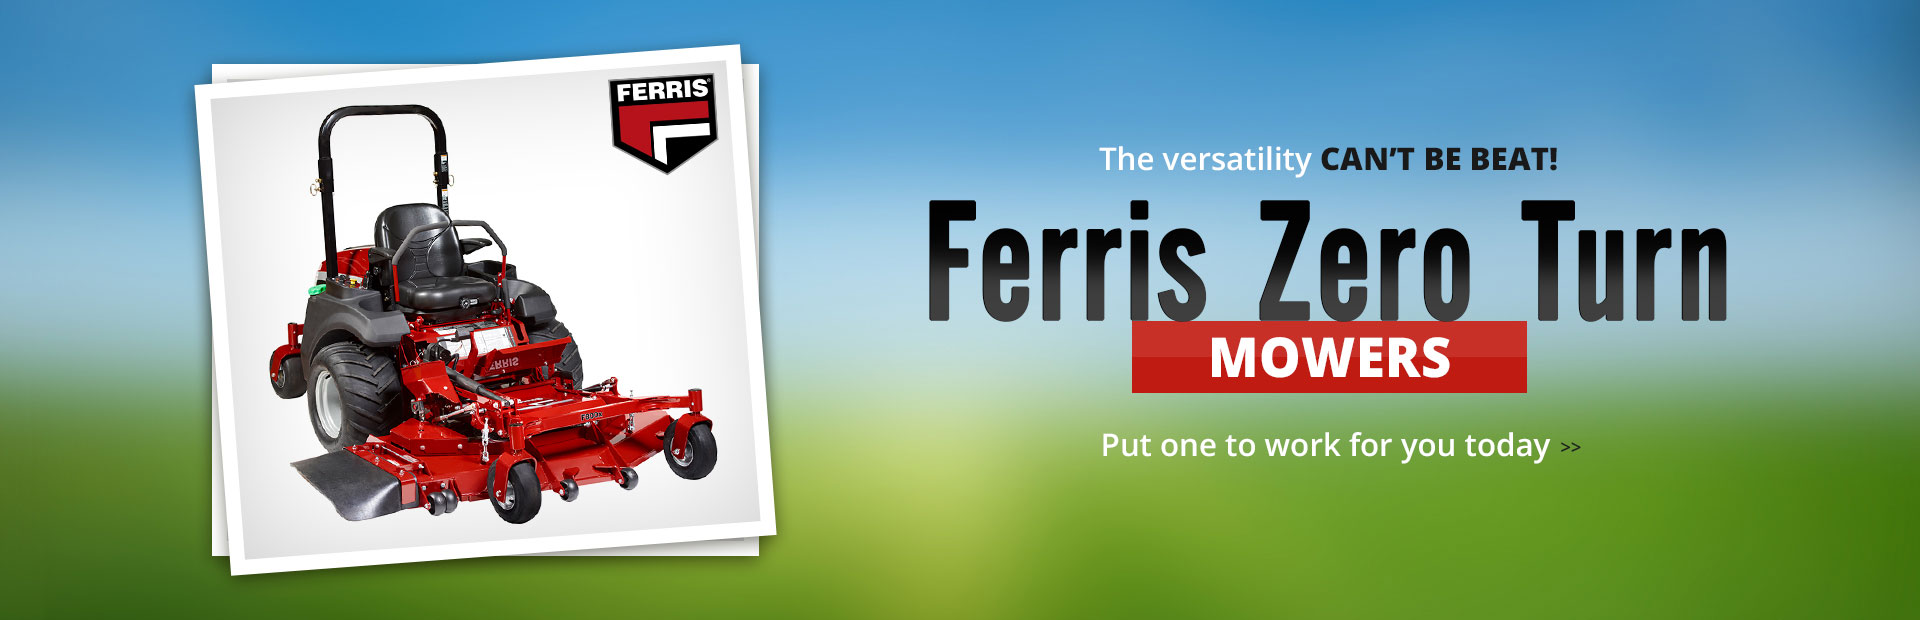 Click here to view Ferris zero turn mowers.